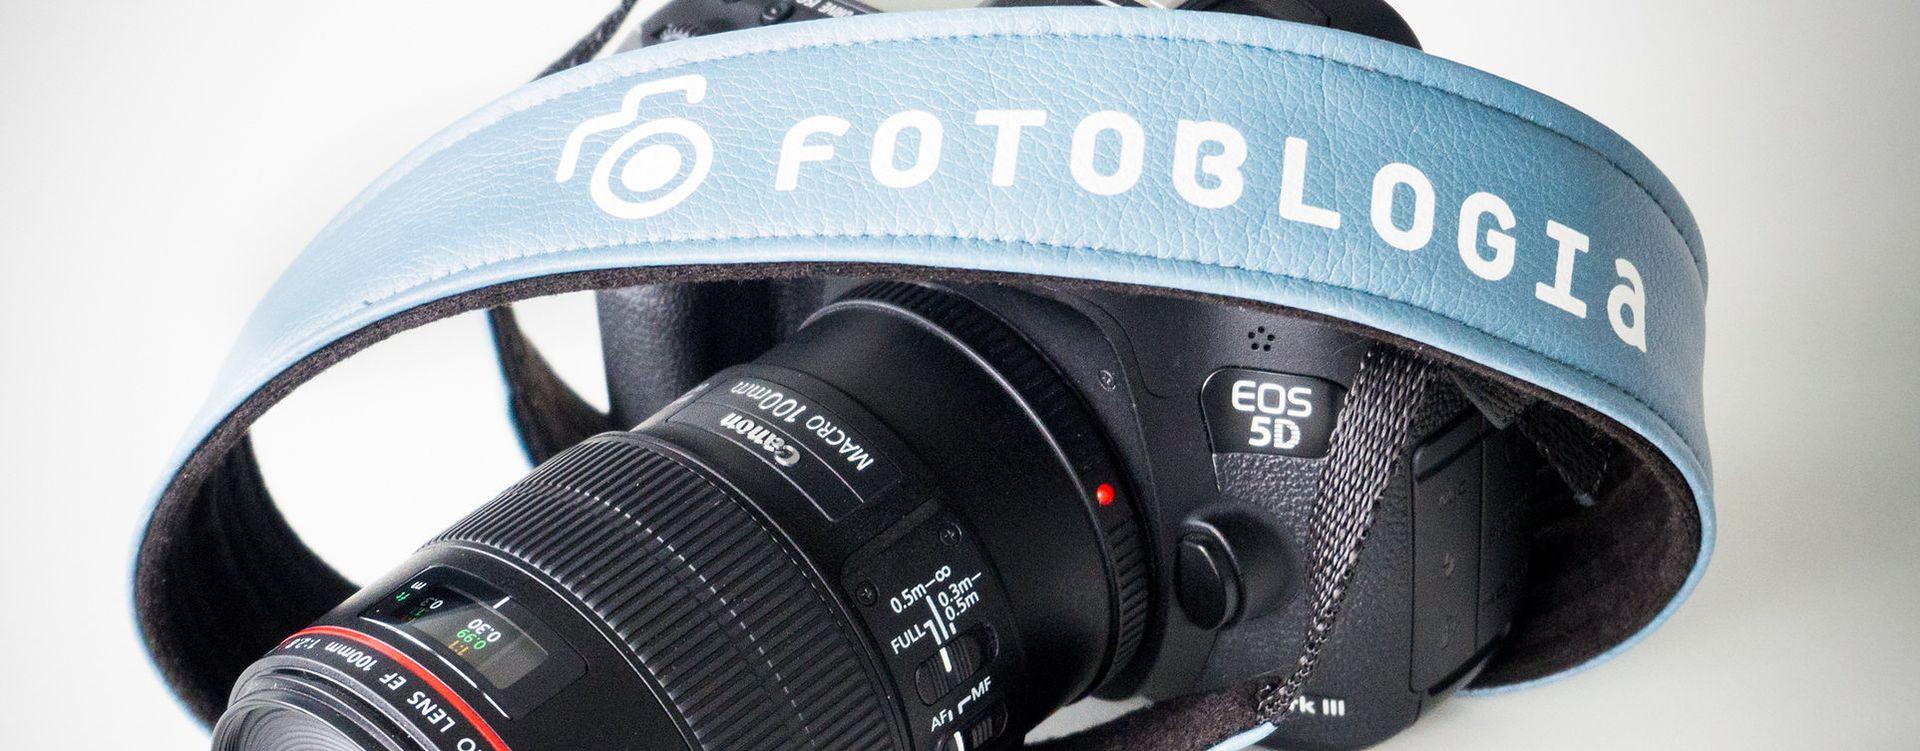 Rewelacyjny Strapophilia tworzy paski do aparatów na zamówienie   Fotoblogia.pl ST68